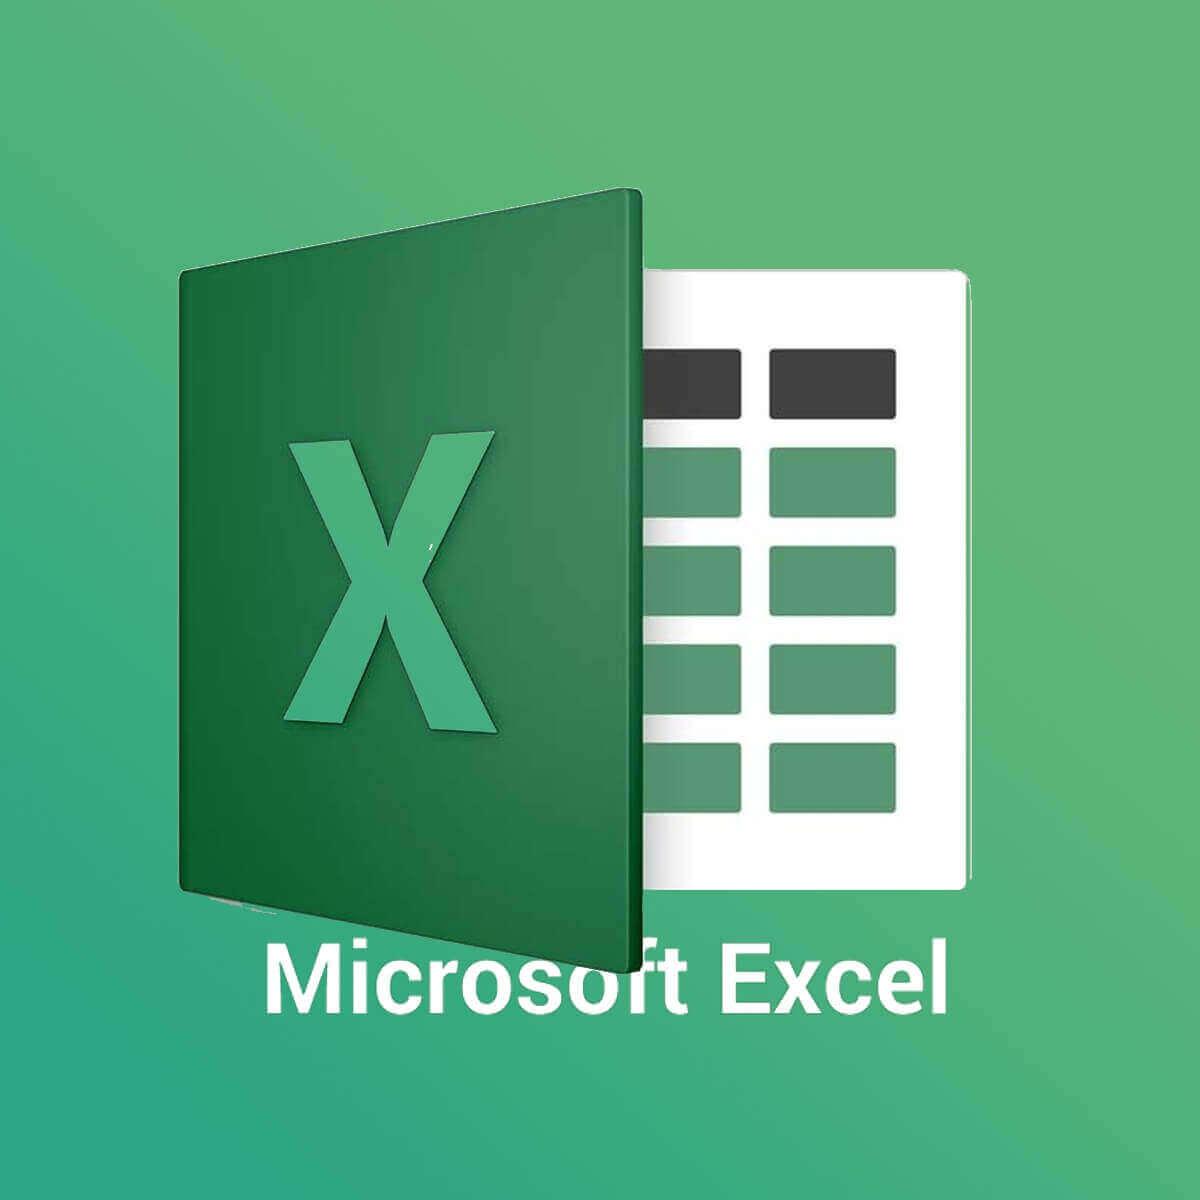 ¿No se imprimen las filas de la hoja de cálculo de Excel?  Prueba esto 1